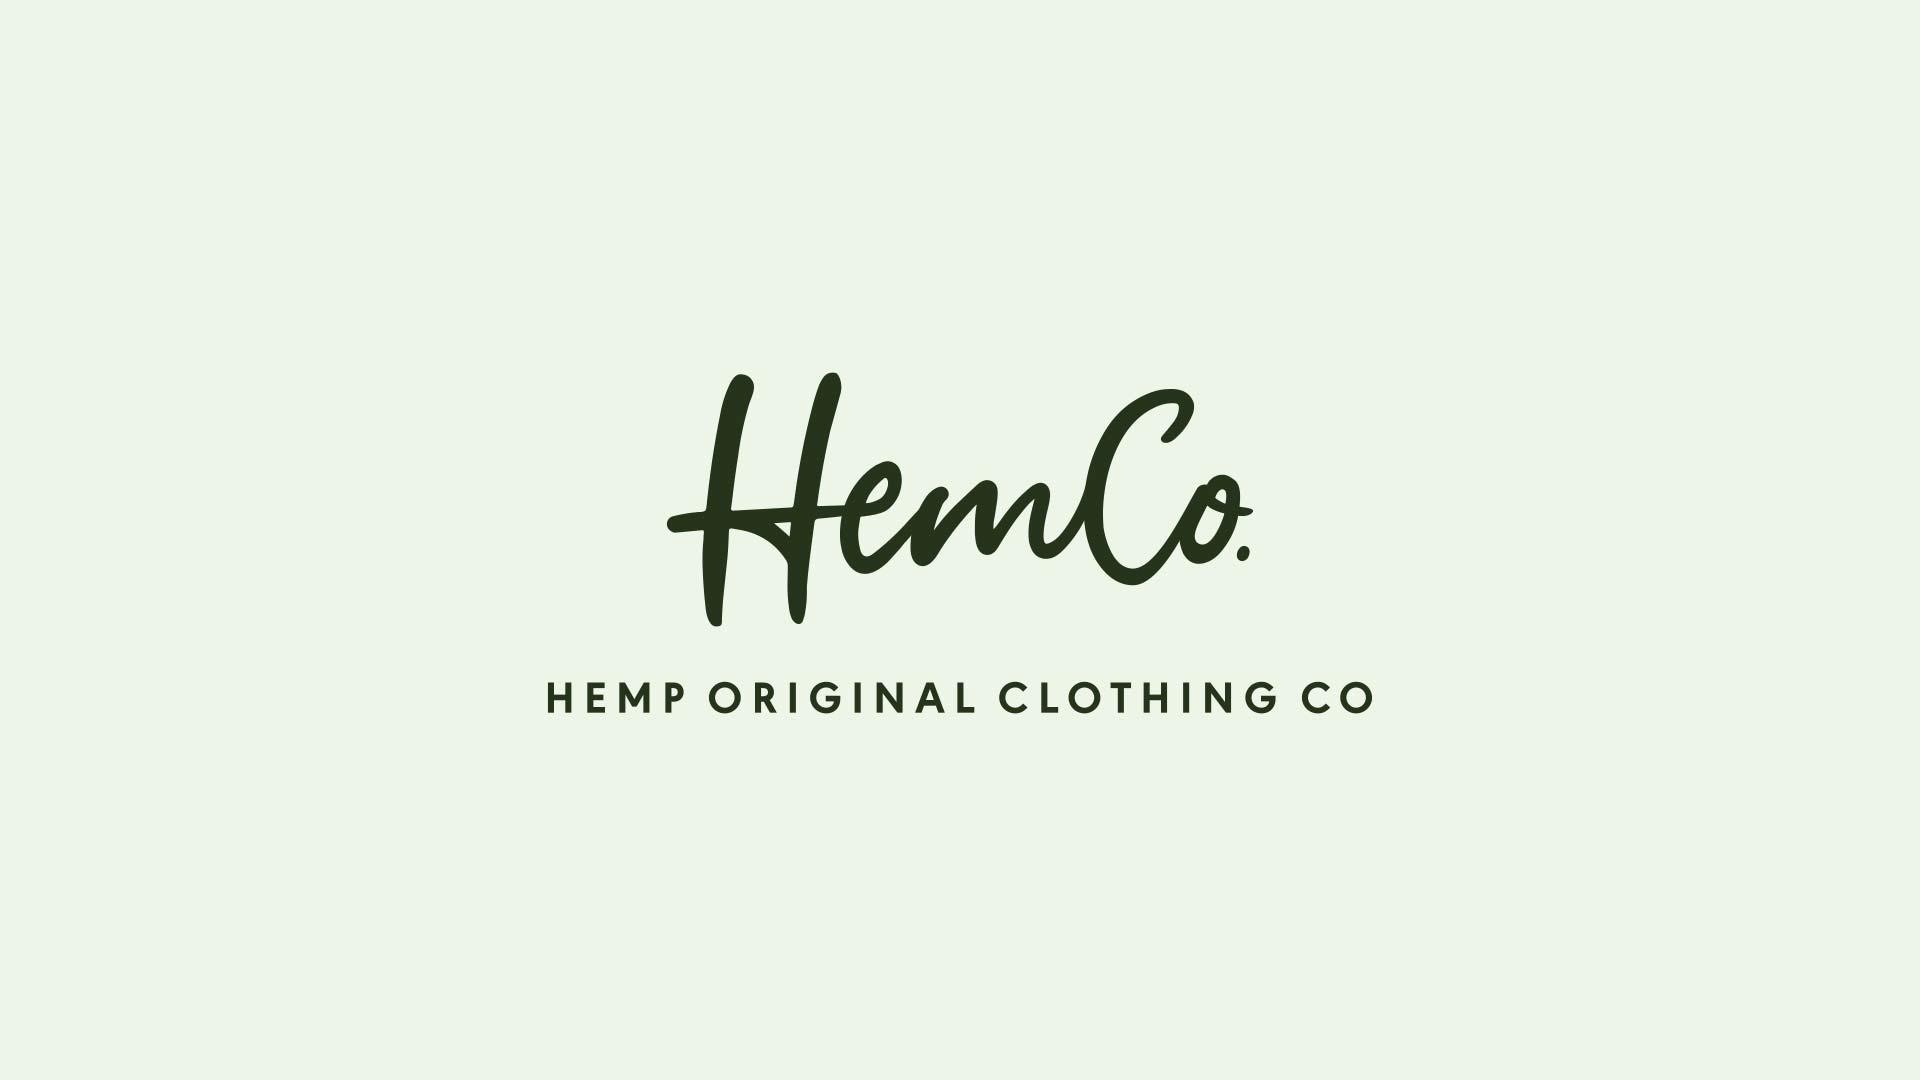 Hemco-1